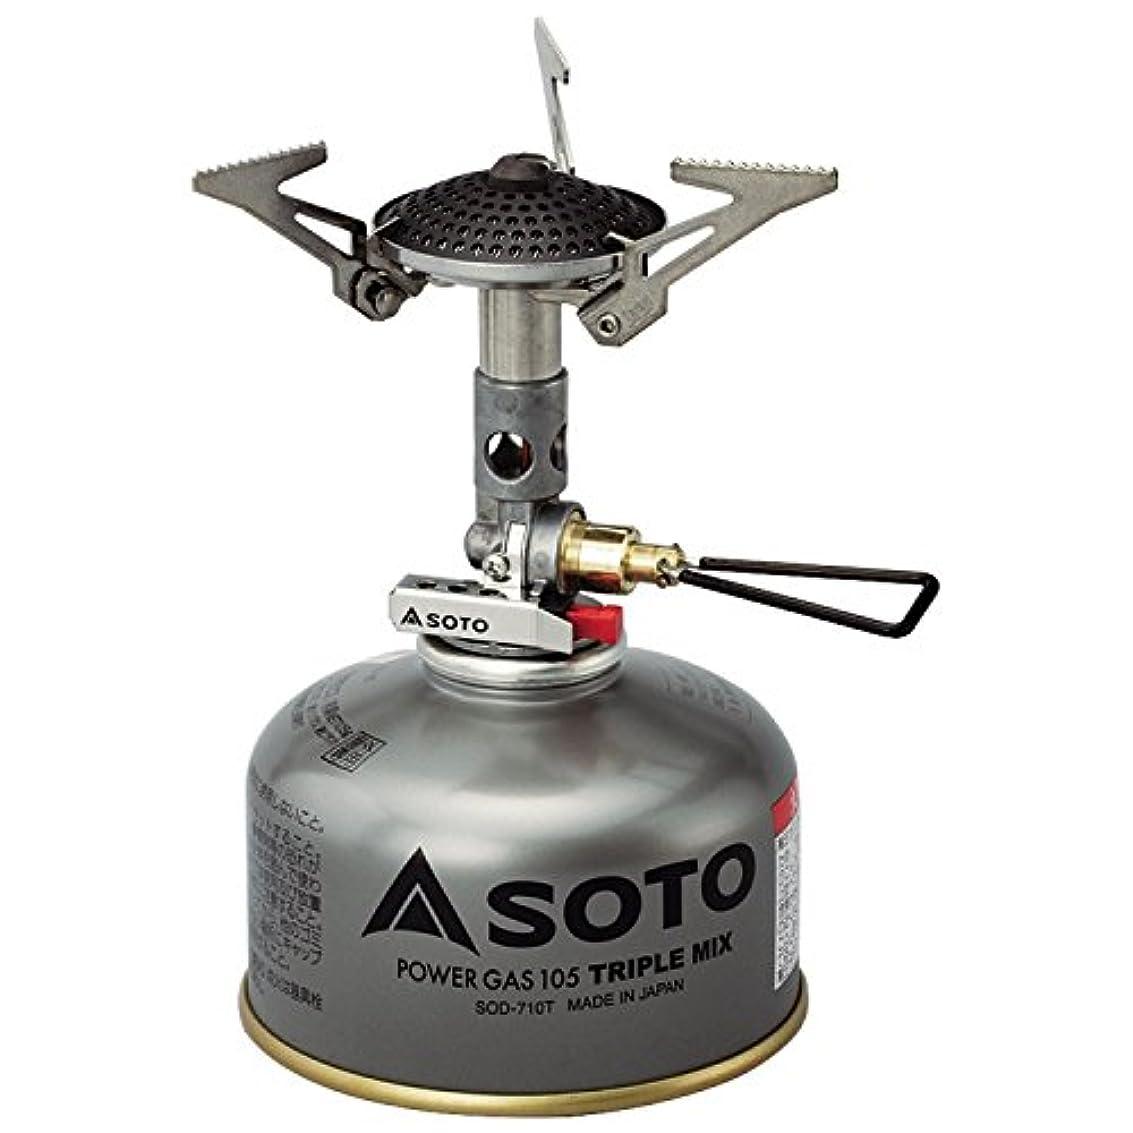 贅沢勇気のある連鎖ソト(SOTO) マイクロレギュレーターストーブ SOD-300S キャンプストーブ OD缶用 シングルバーナー キャンプ ガス バーナー 火力が強い ソロキャンプ ツーリング BBQ 登山アウトドア 収納ケース付き 折り畳み式 防風